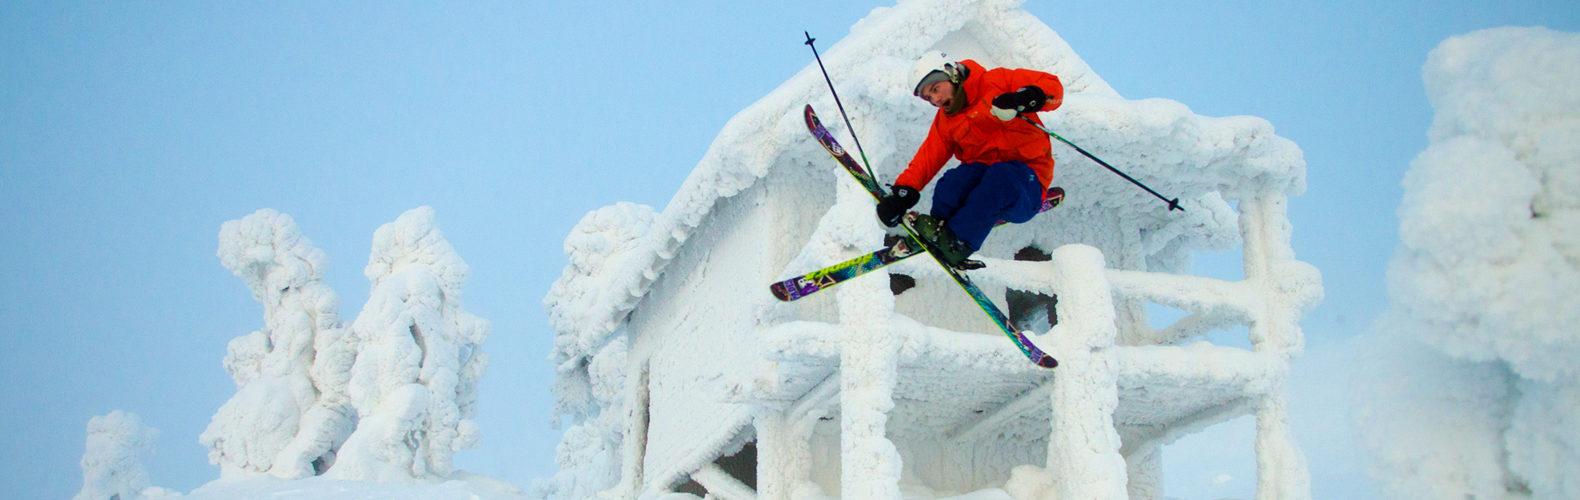 В Леви Вас ждет множество парков и зон для фристайла в непосредственной близости от склонов курорта. Лыжи или сноуборд - неважно, здесь понравится всем.